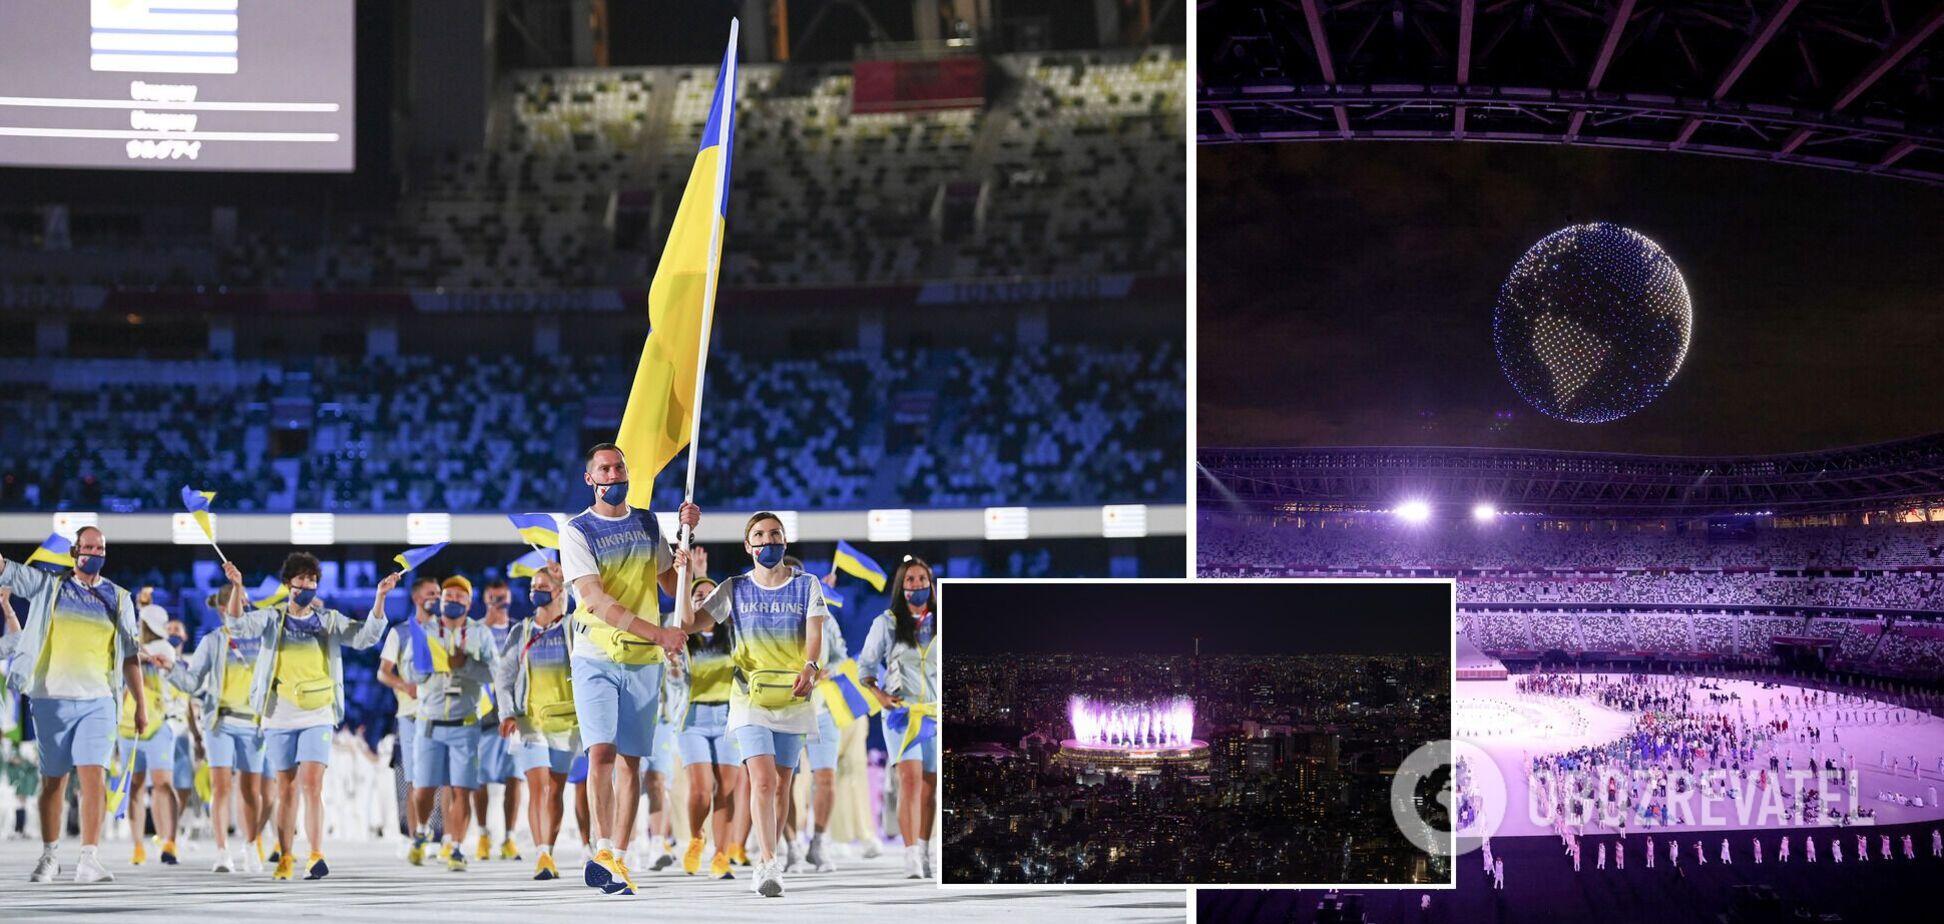 Україну не показали на росТБ, звернення Зеленського, хто запалив олімпійський вогонь: як пройшло відкриття Ігор у Токіо